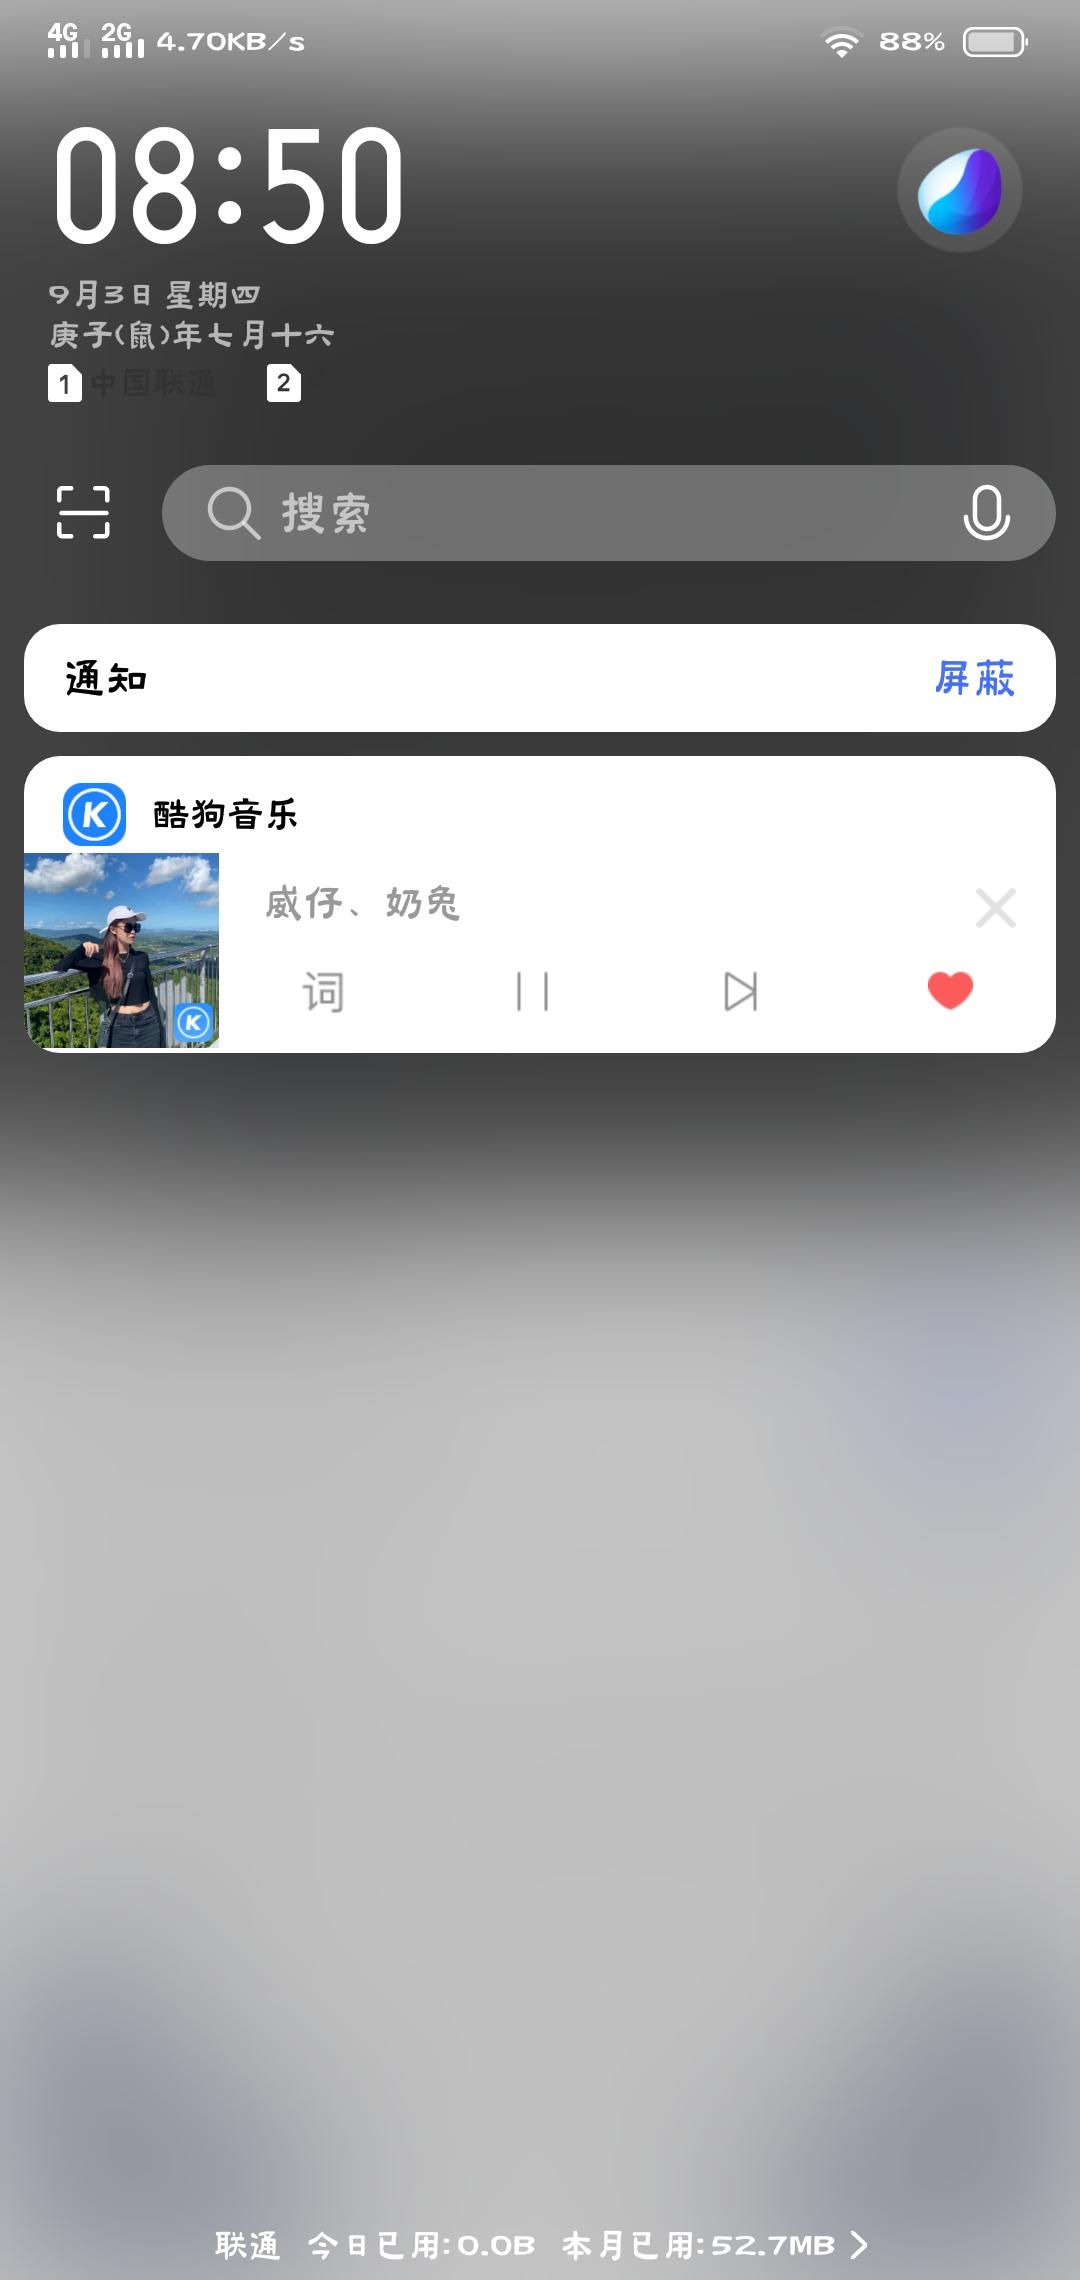 Screenshot_20200903_085045.jpg